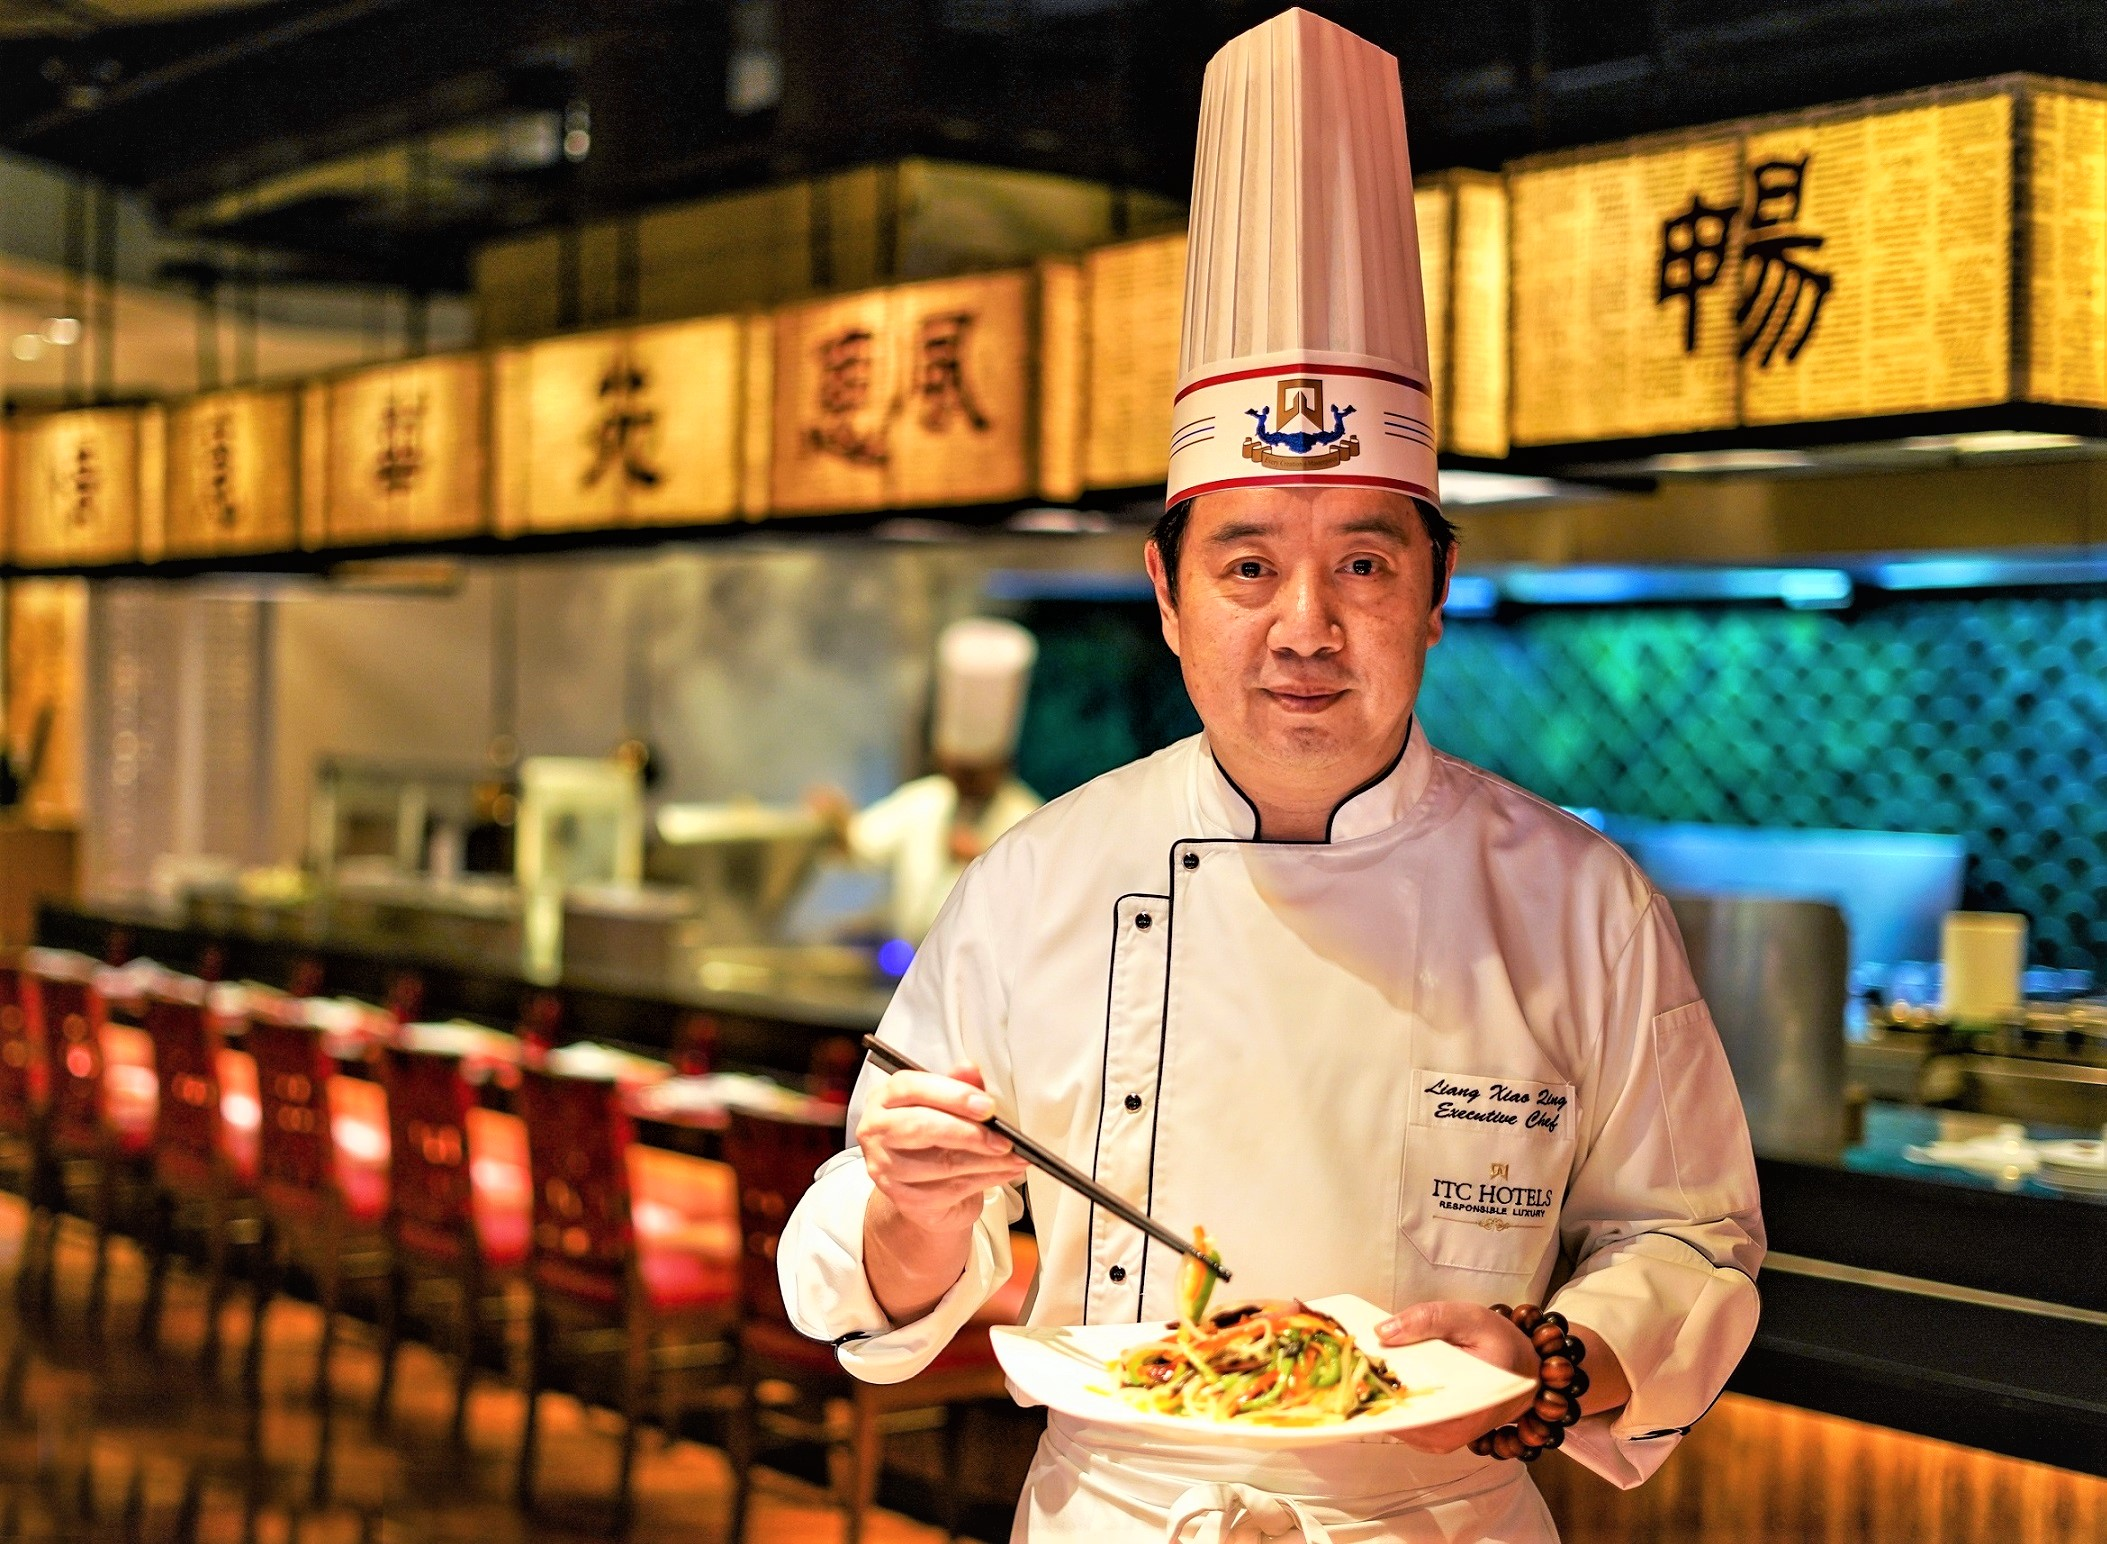 A-PAN-ASIAN-1-Chef-Liang-Xiao-Qing_Pan-Asian-ITC-Marath.jpg